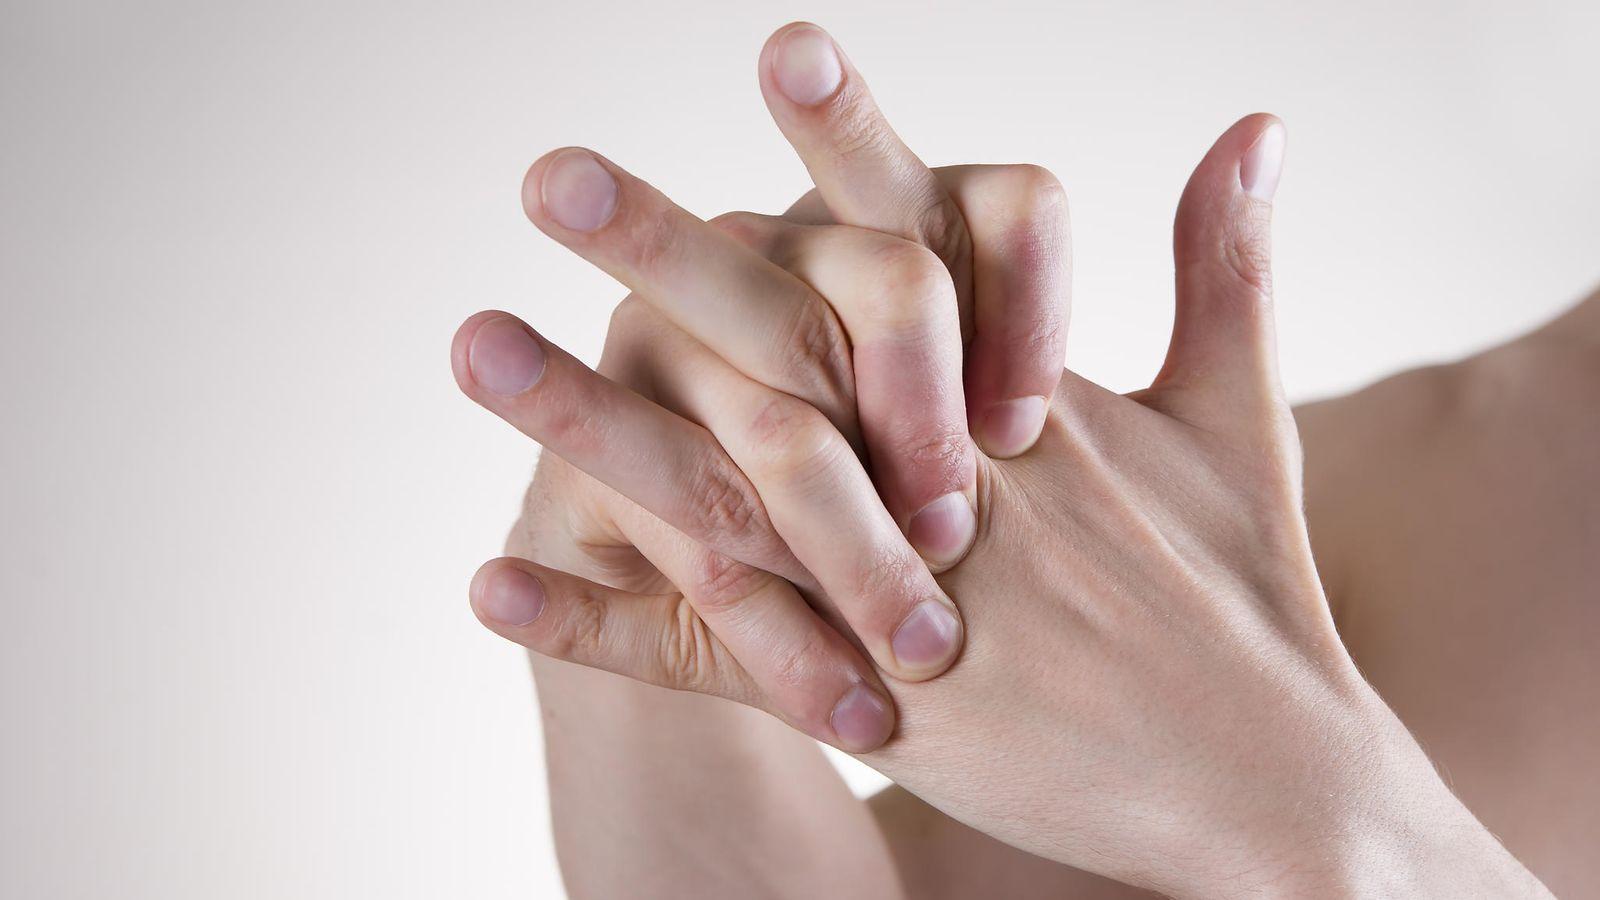 Фокусы с пальцами и их секреты: описание и инструкция 91